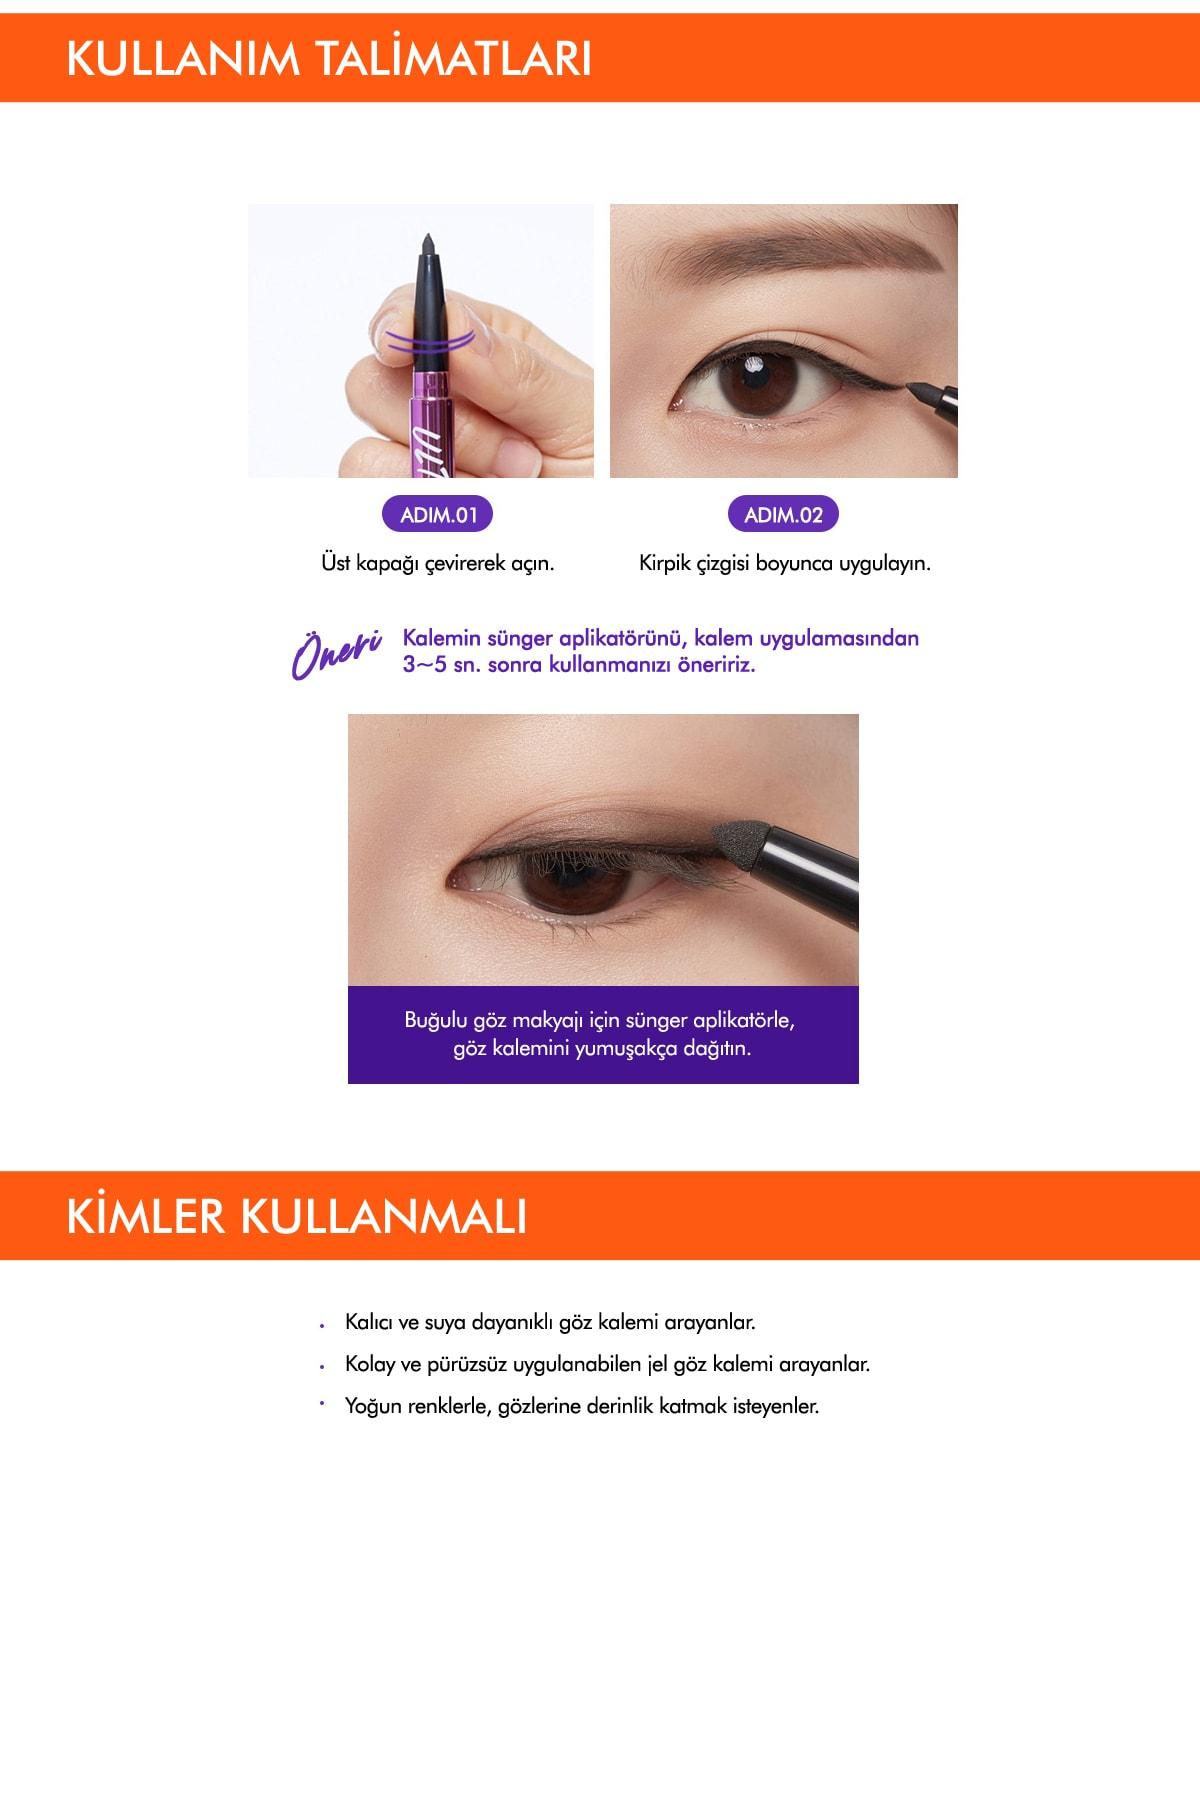 Missha Kalıcı Suya Dayanıklı Jel Göz Kalemi - Ultra Powerproof Pencil Eyeliner Black 8809643506175 4